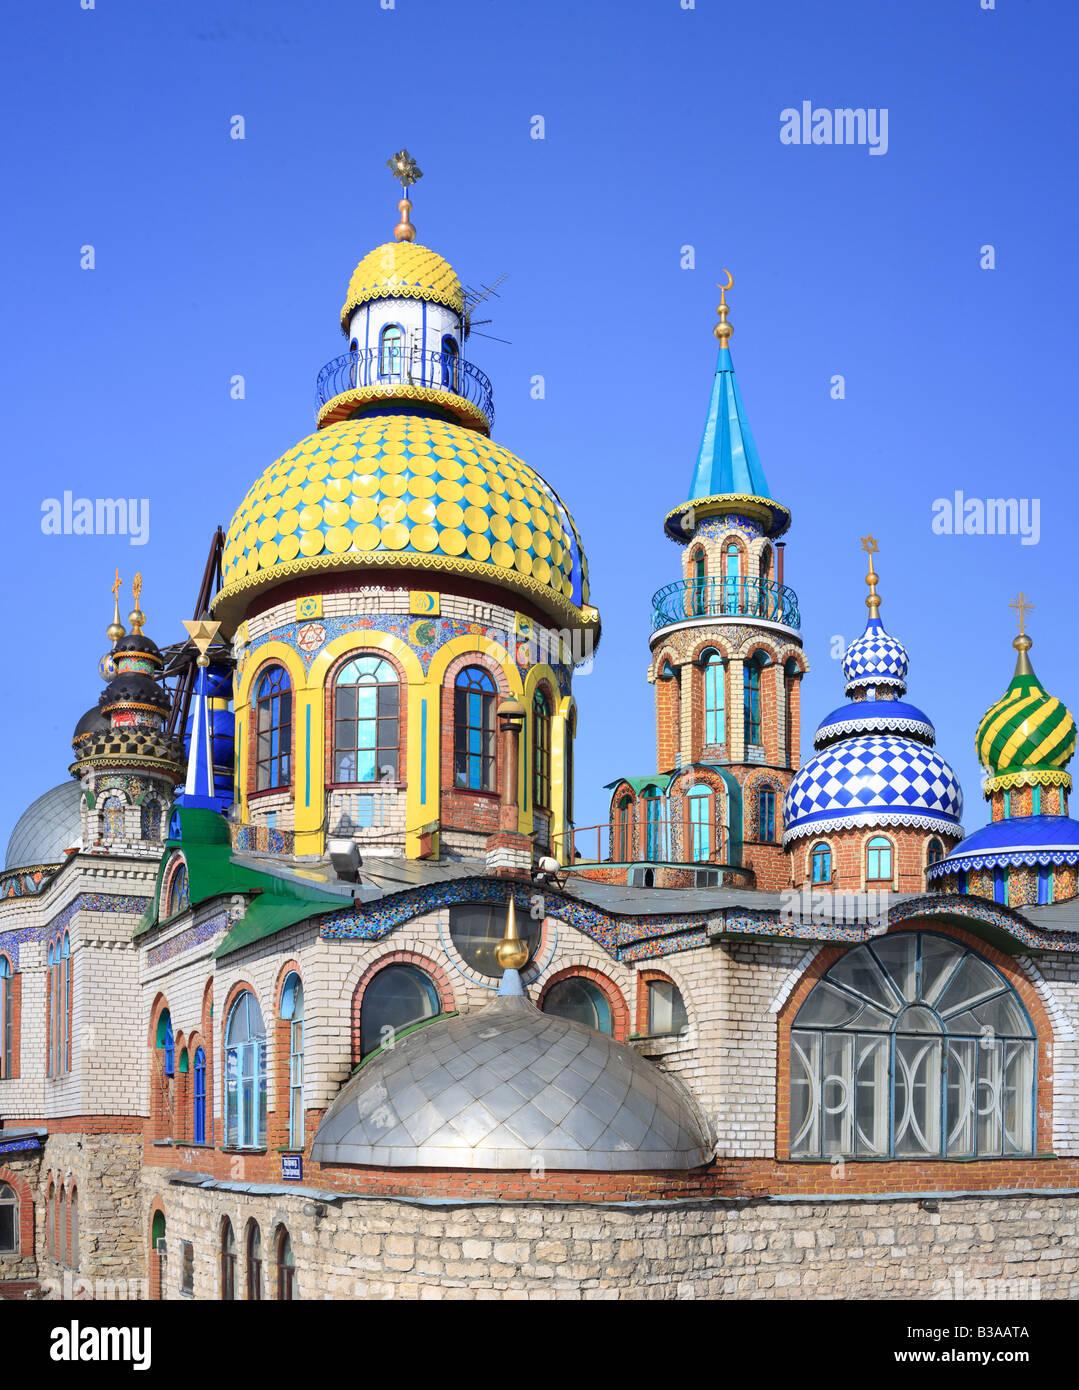 """""""Il Tempio di tutte le religioni"""", architettura moderna, Kazan, il Tatarstan, Russia Immagini Stock"""